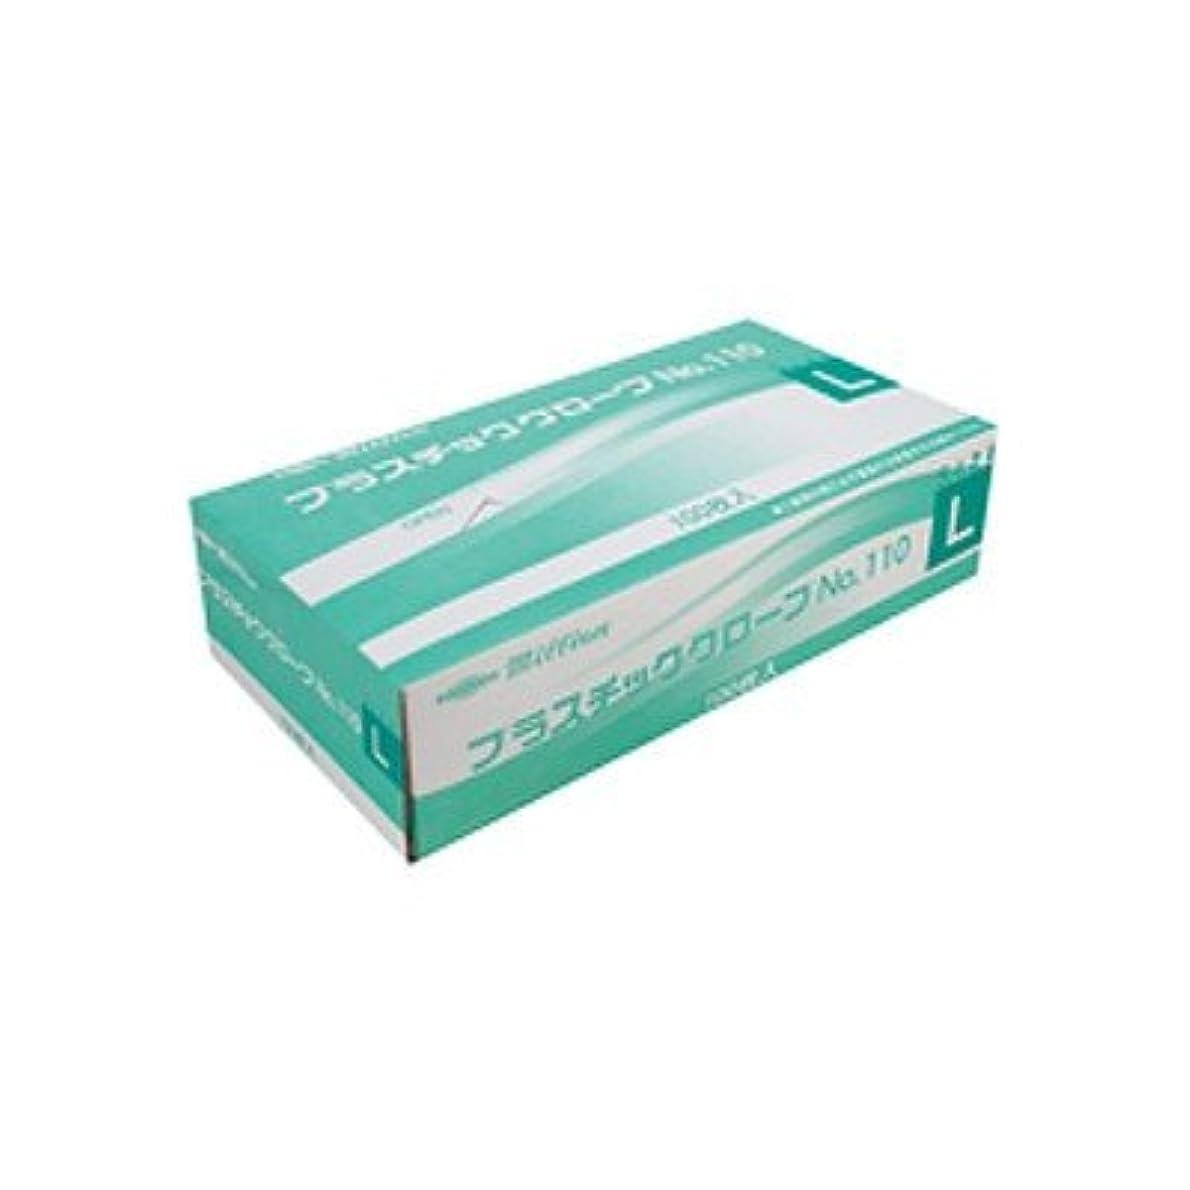 クレデンシャル分散ジーンズミリオン プラスチック手袋 粉付 No.110 L 品番:LH-110-L 注文番号:62741507 メーカー:共和